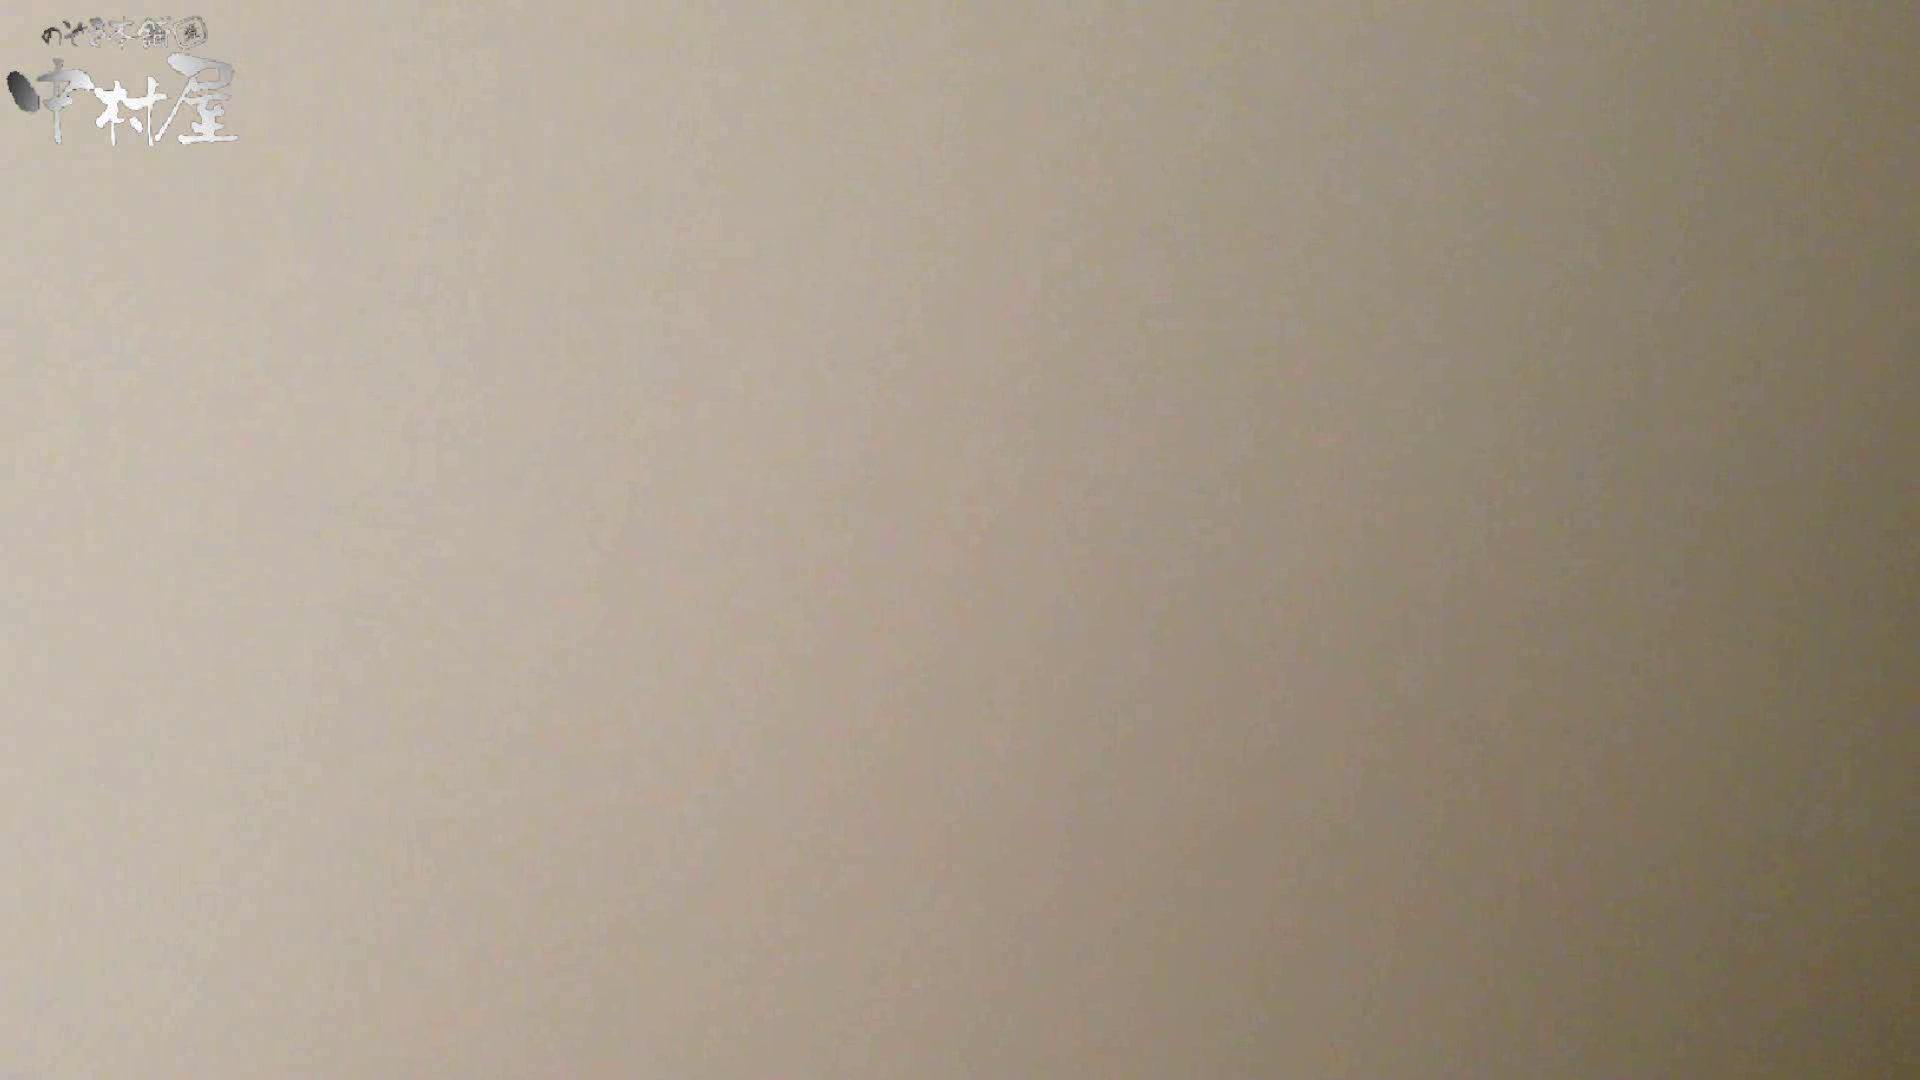 部活女子トイレ潜入編vol.6 綺麗なOLたち おまんこ無修正動画無料 75枚 62